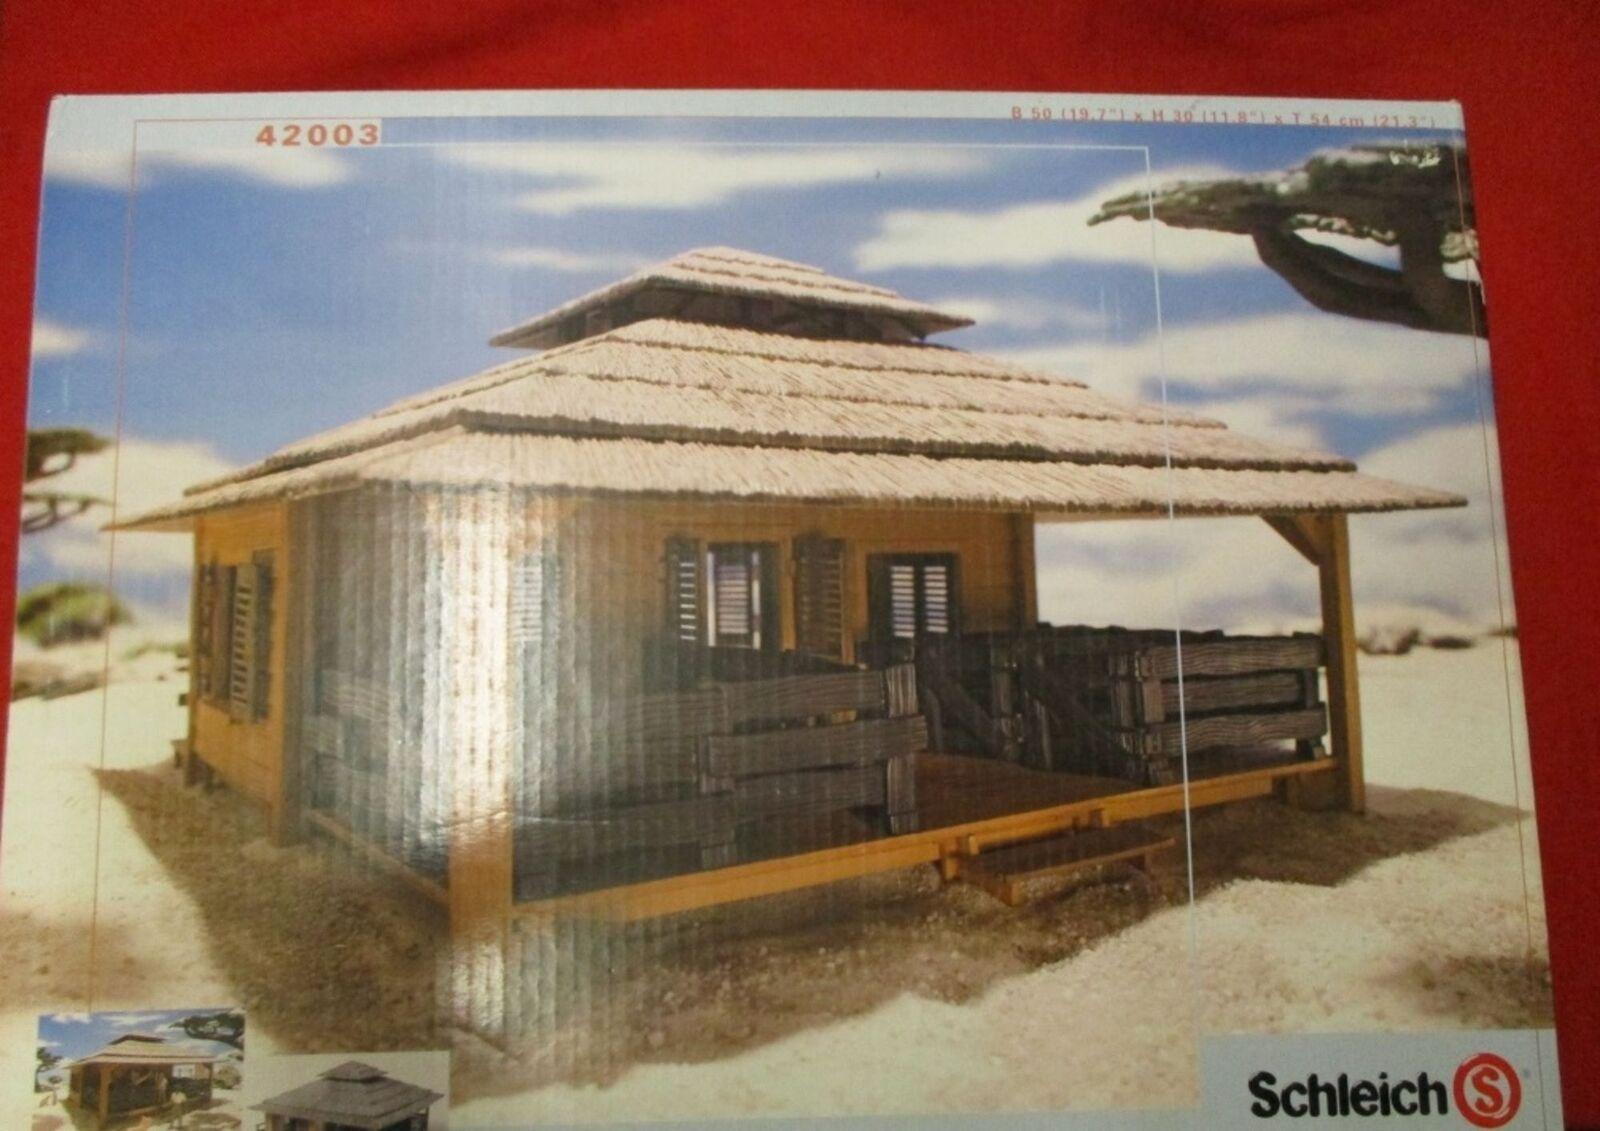 SCHLEICH ® 42003 Stazione di cura degli animali NUOVO OVP